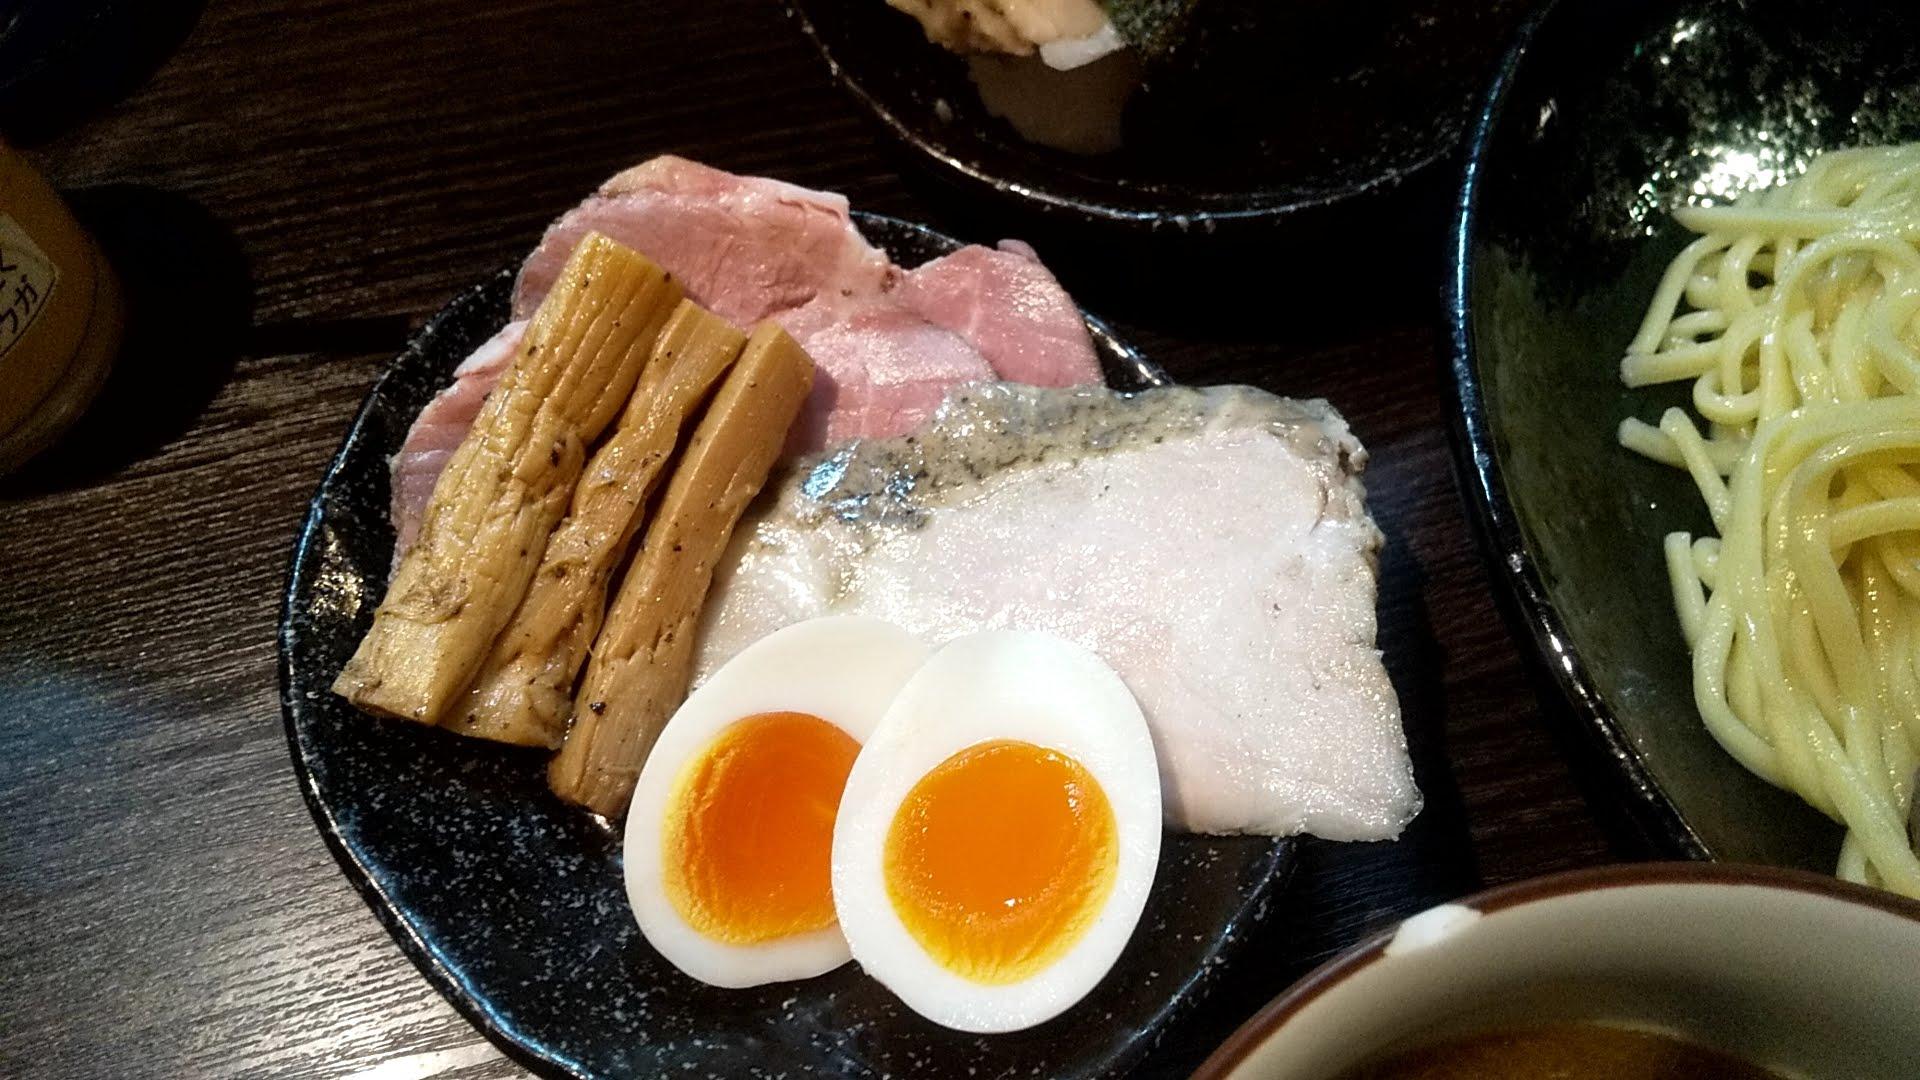 麦屋浮浪雲のつけ麺特製盛の特製盛りの写真